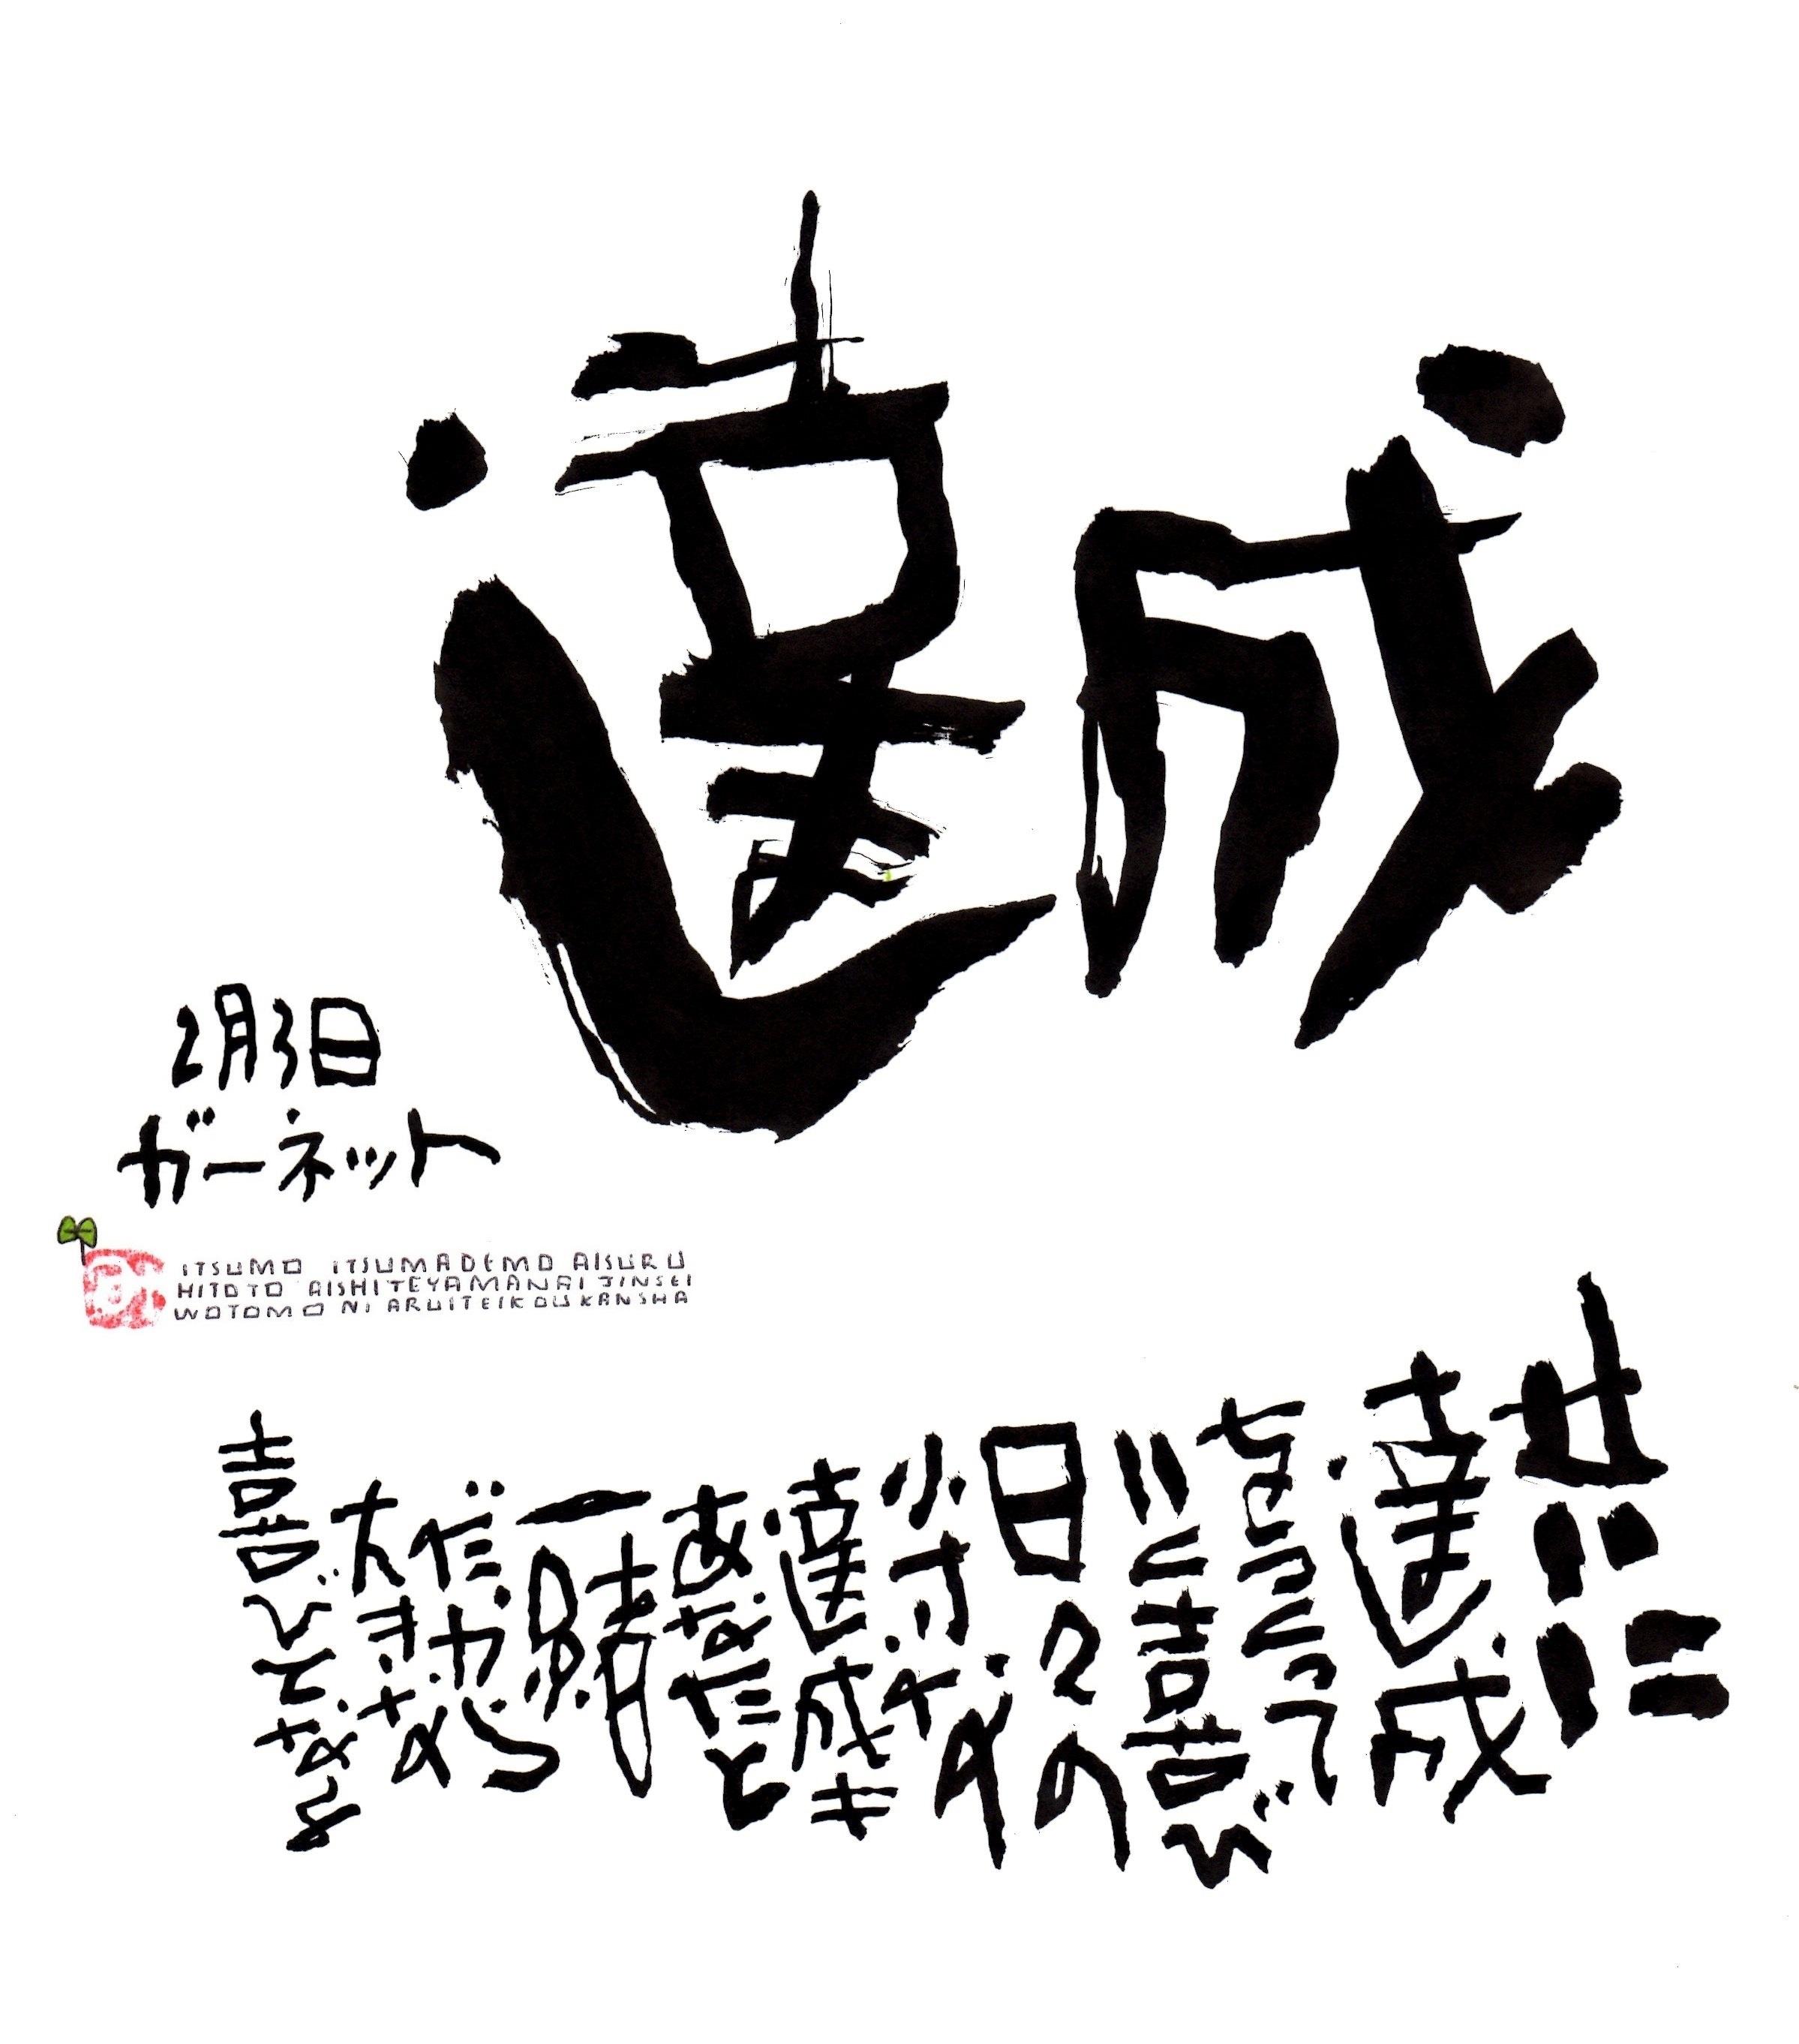 2月3日 結婚記念日ポストカード【達成】